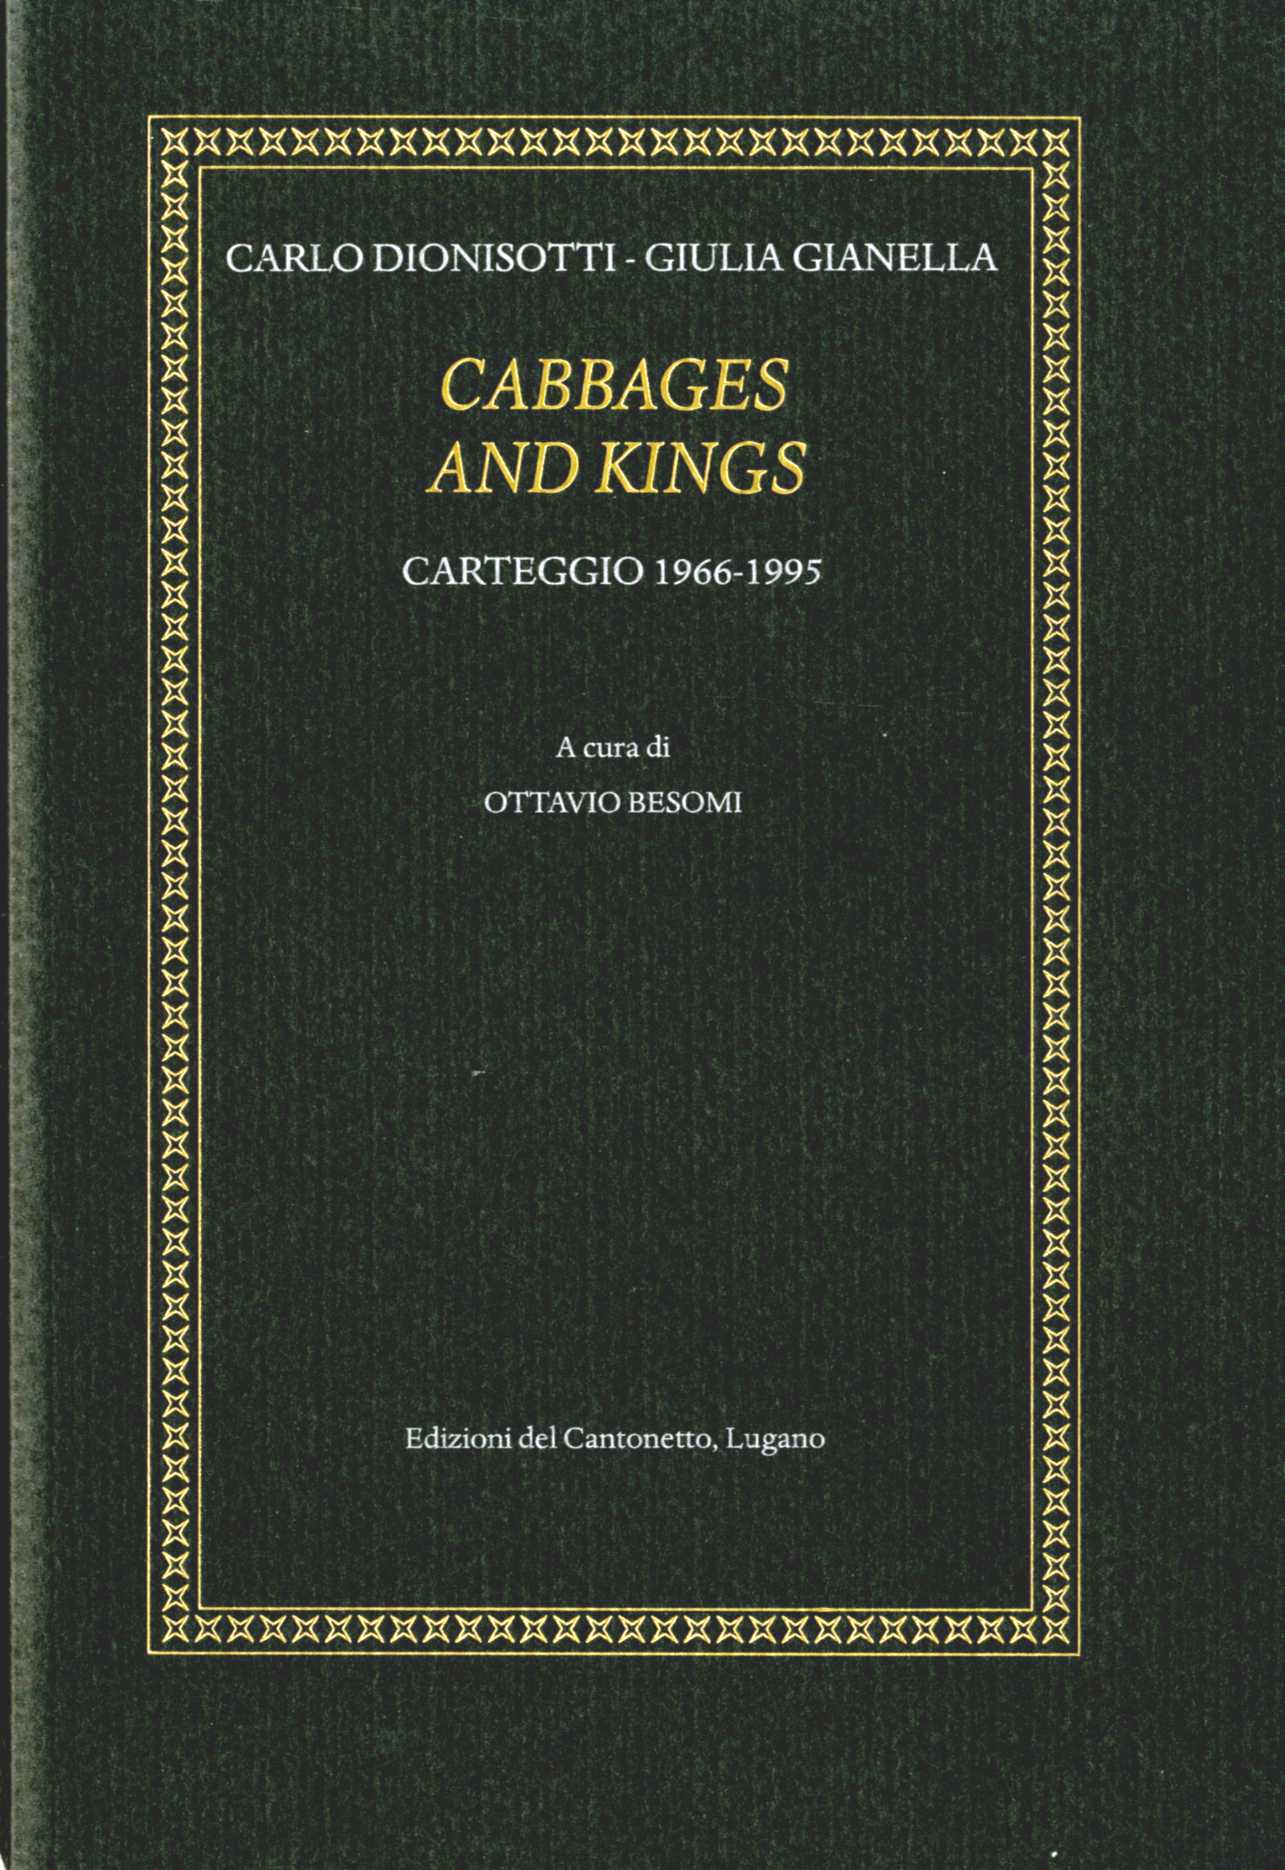 Libri in vendita online cantonetto for Libri vendita